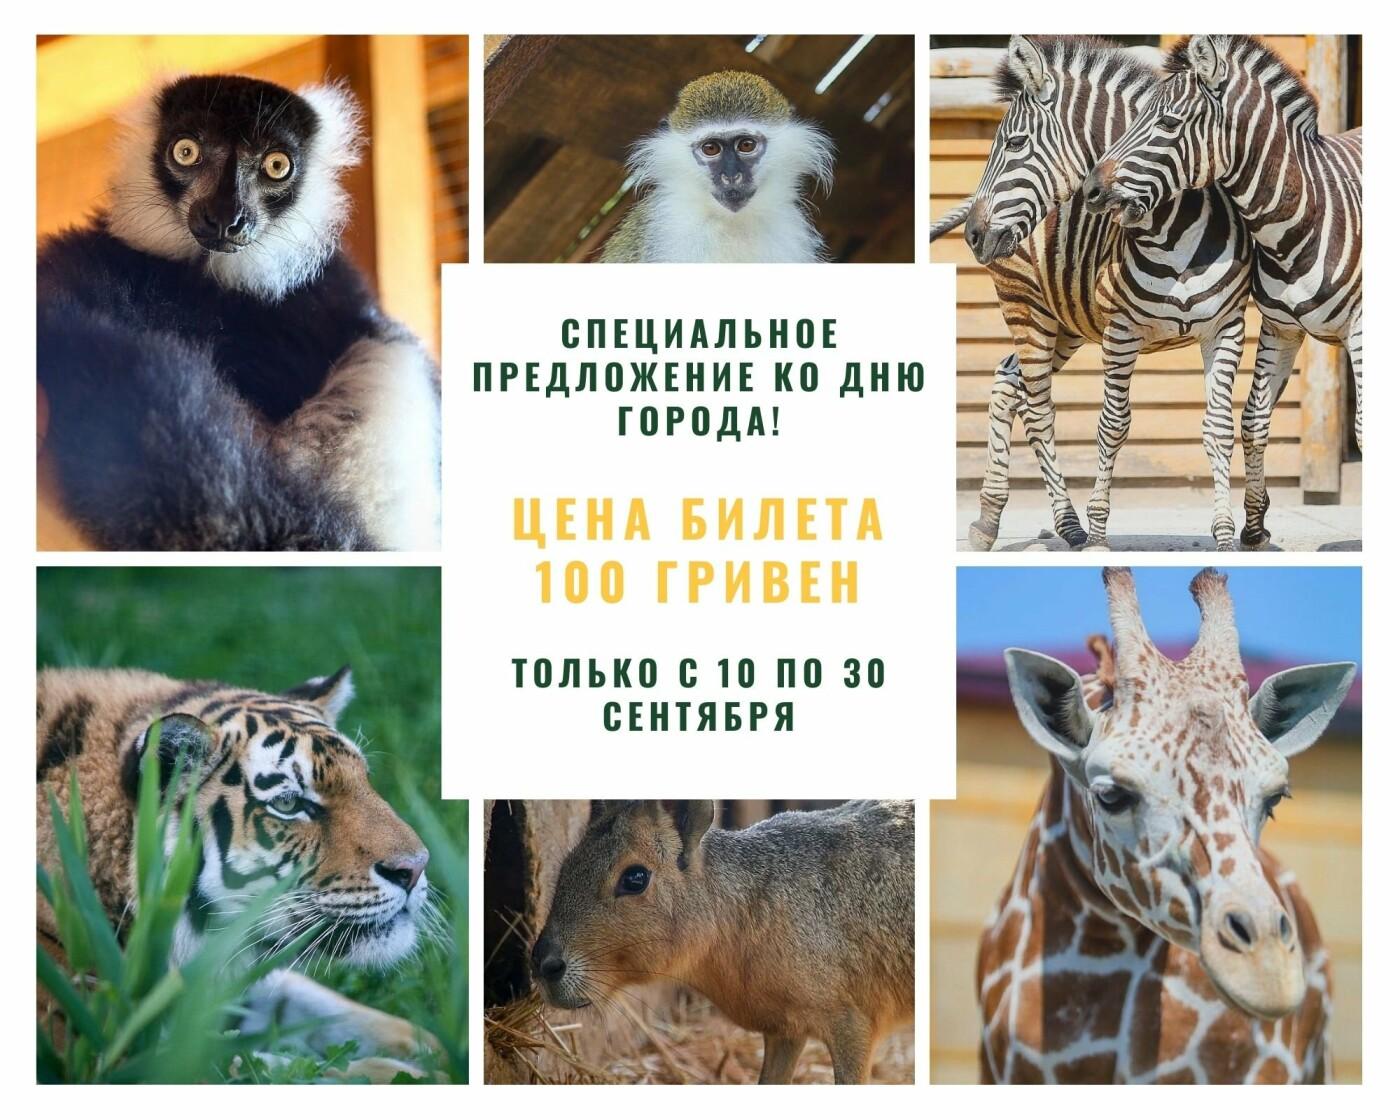 """Бердянский зоопарк """"Сафари"""" подготовил специальное предложение ко Дню города, фото-1"""